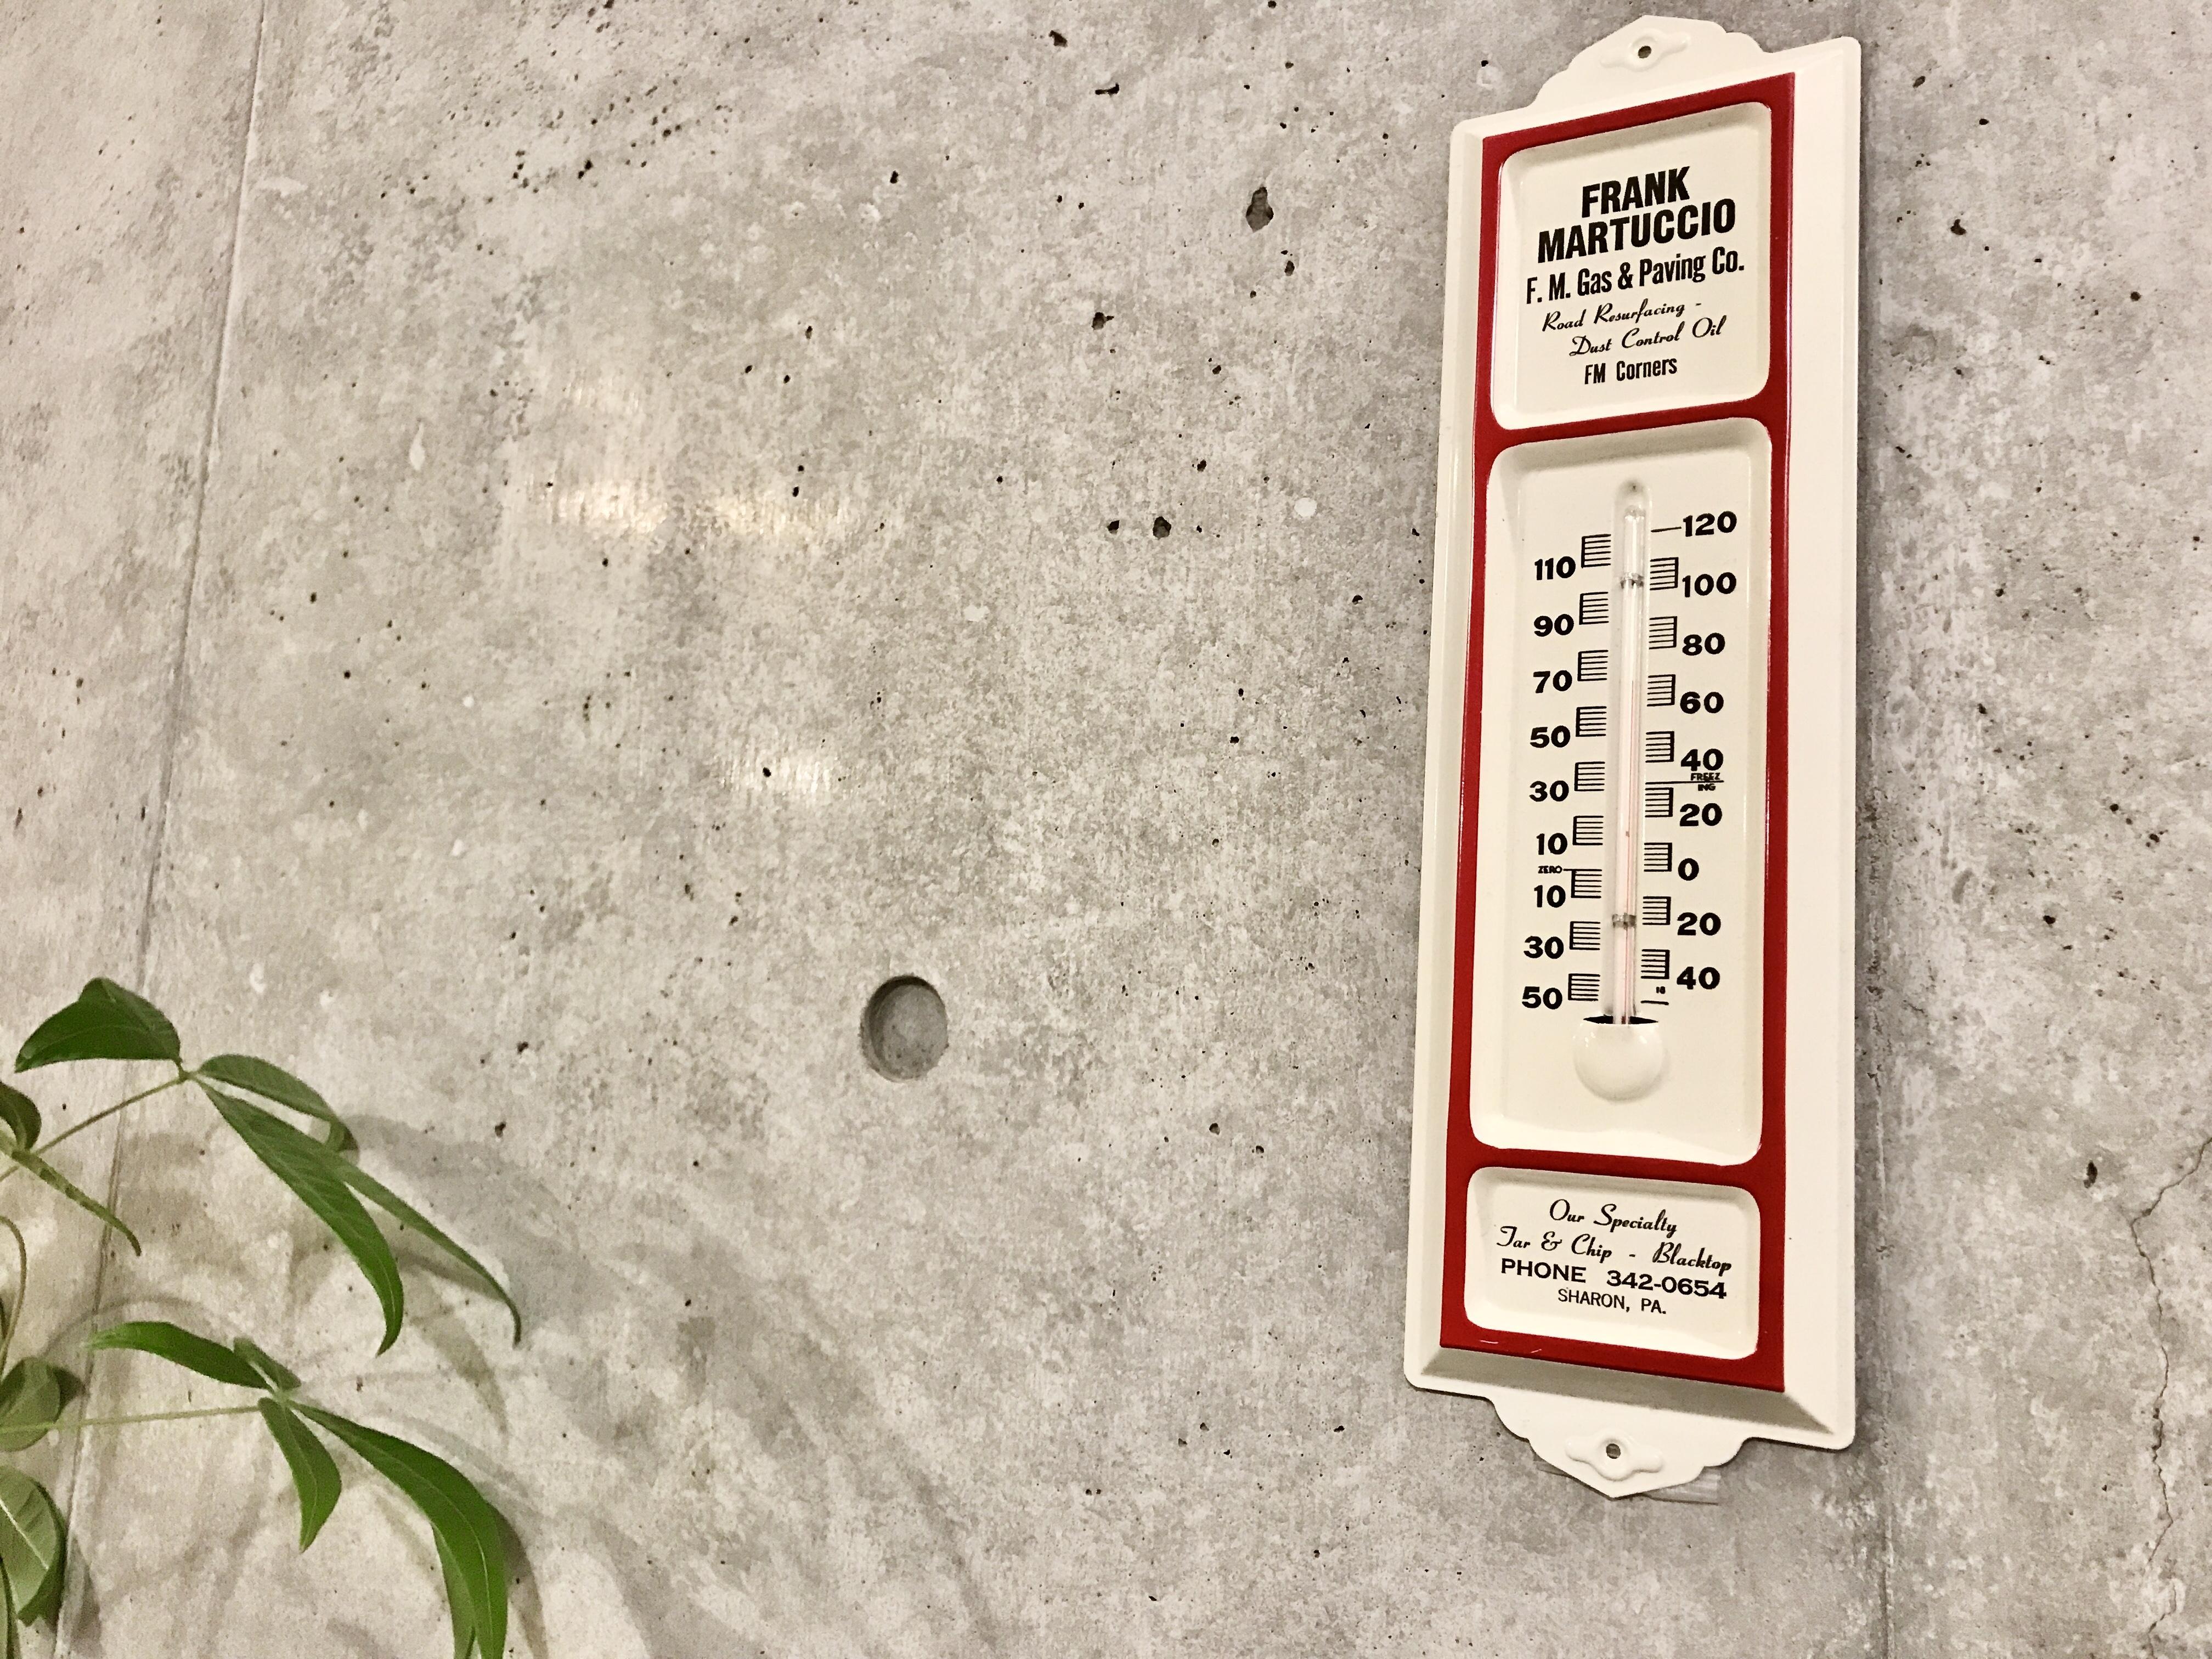 """ビンテージ サーモメーター ガス&ペイント会社 """"FRANK MARTUCCIO"""""""